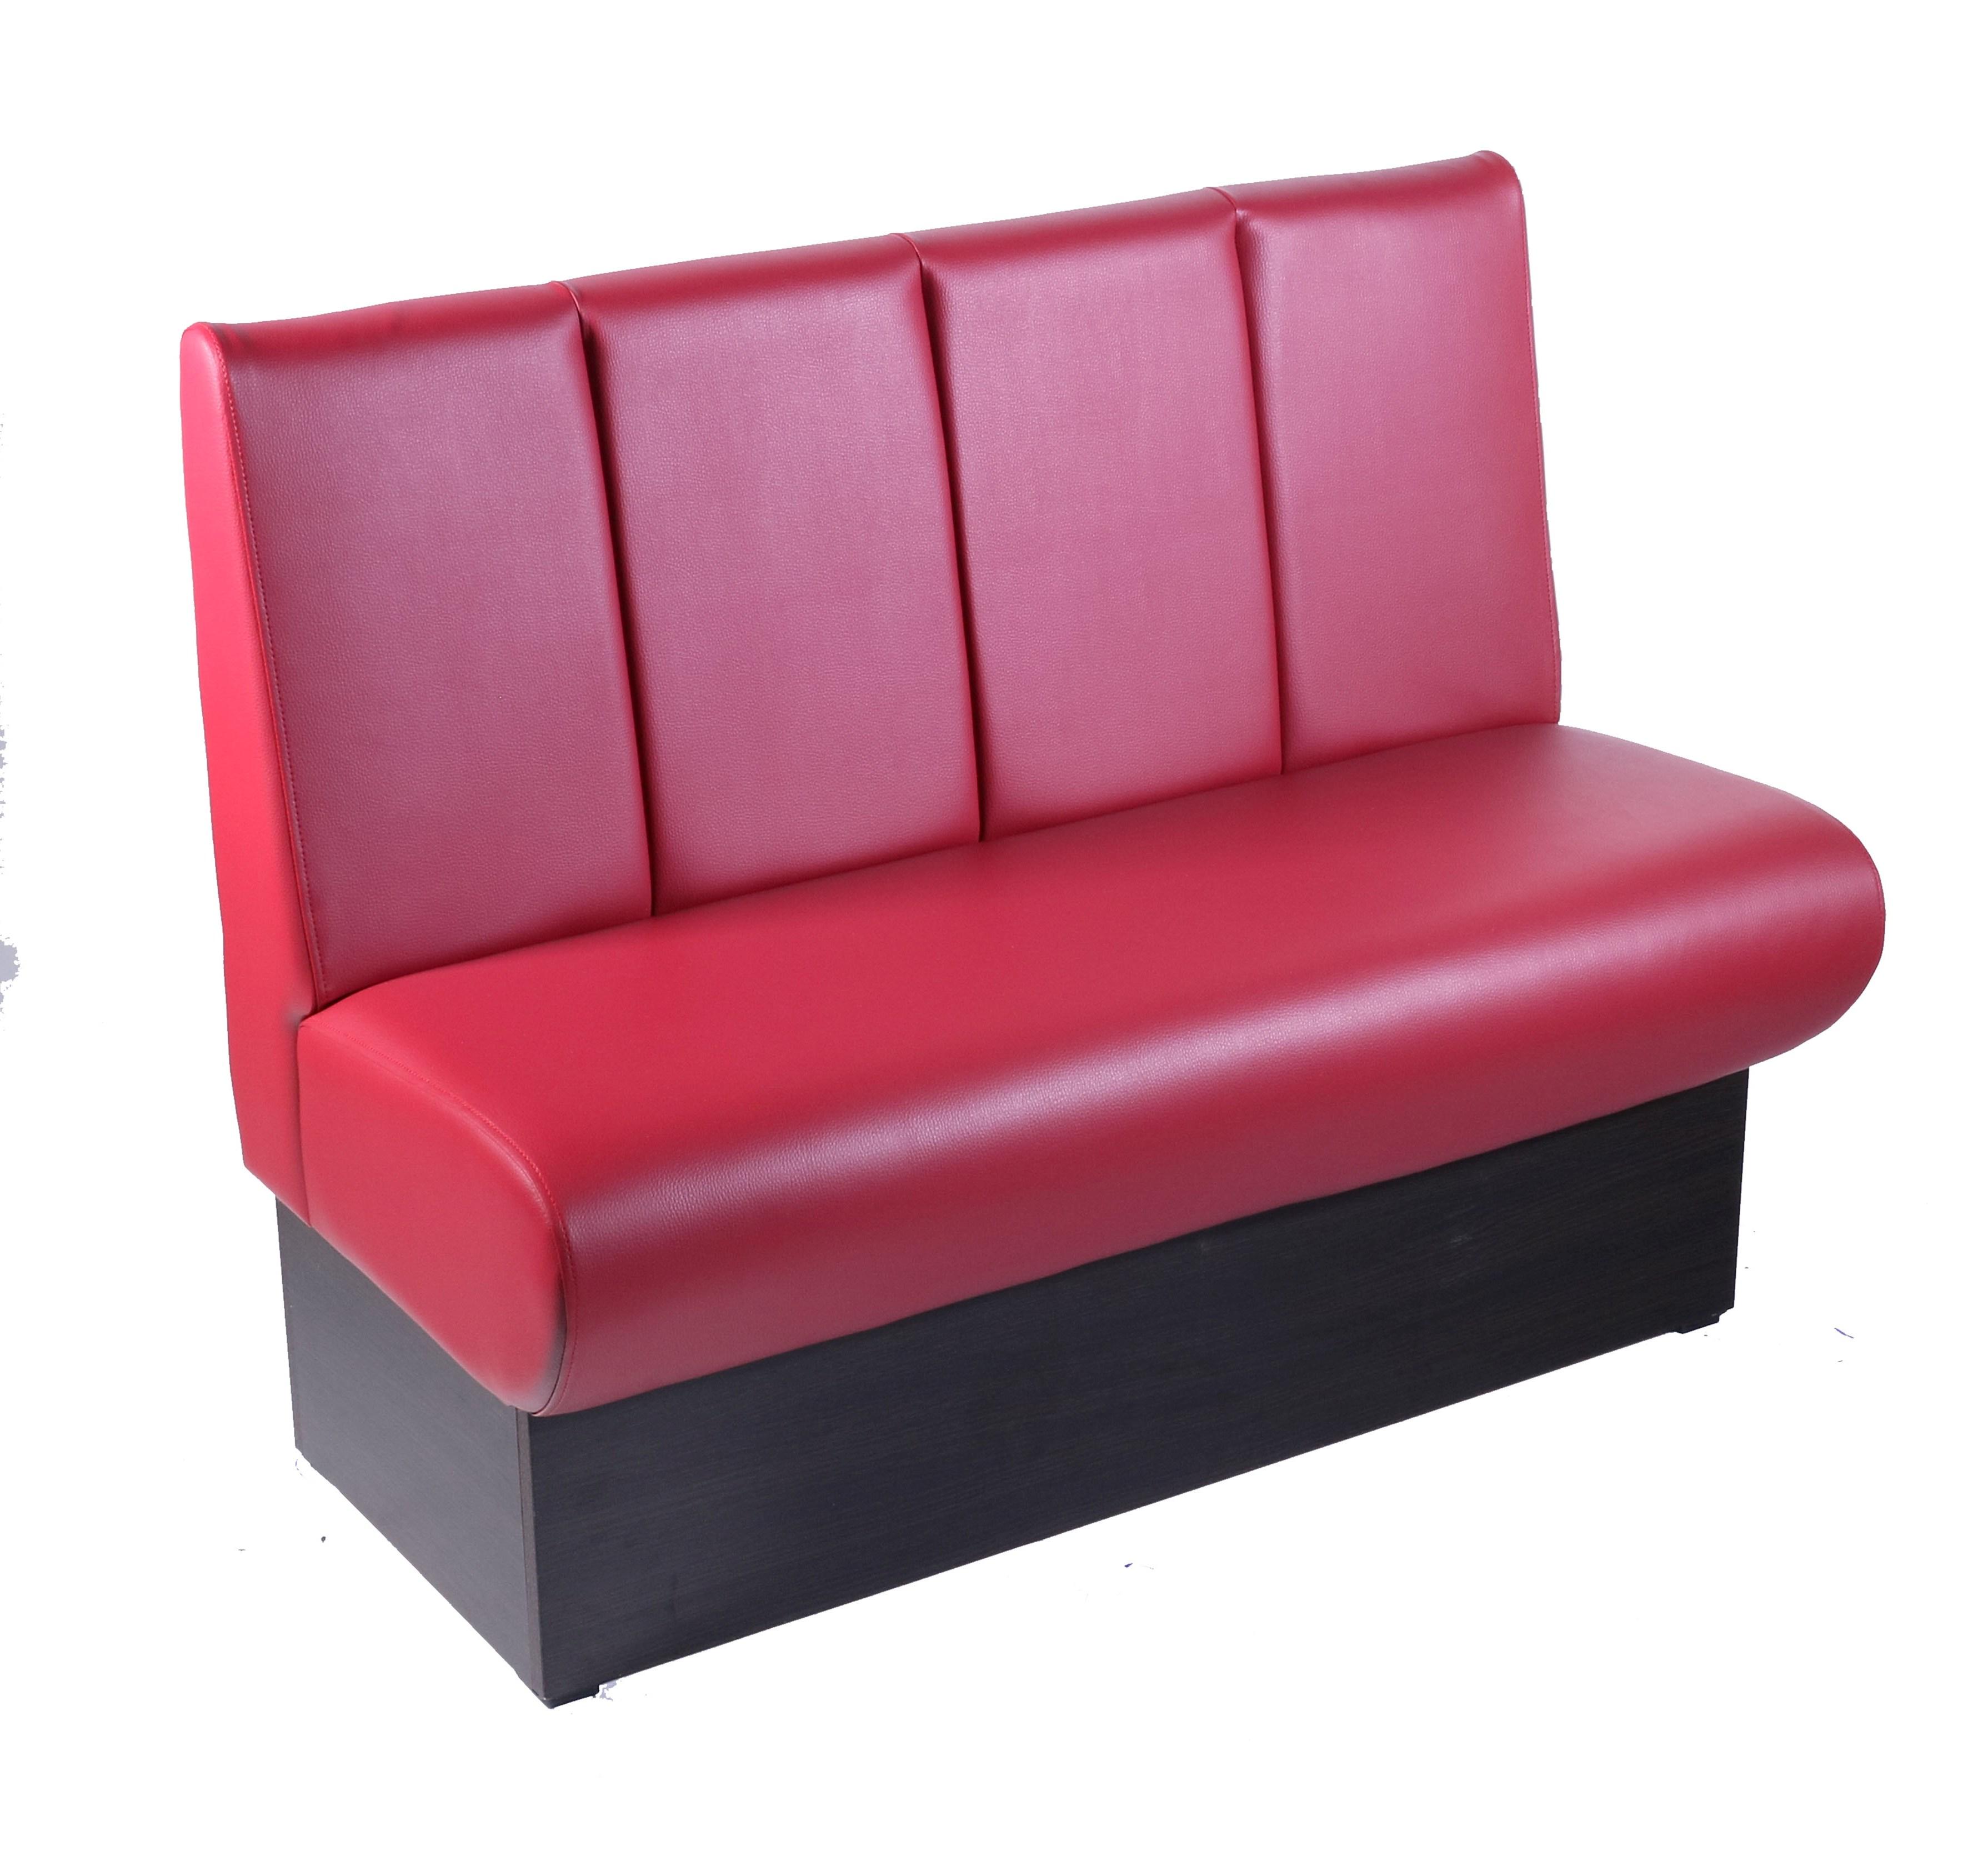 Universal Horeca Mobilier Tables Chaises Bancs Tabourets Et Plus  # Meubles Metal Rouge